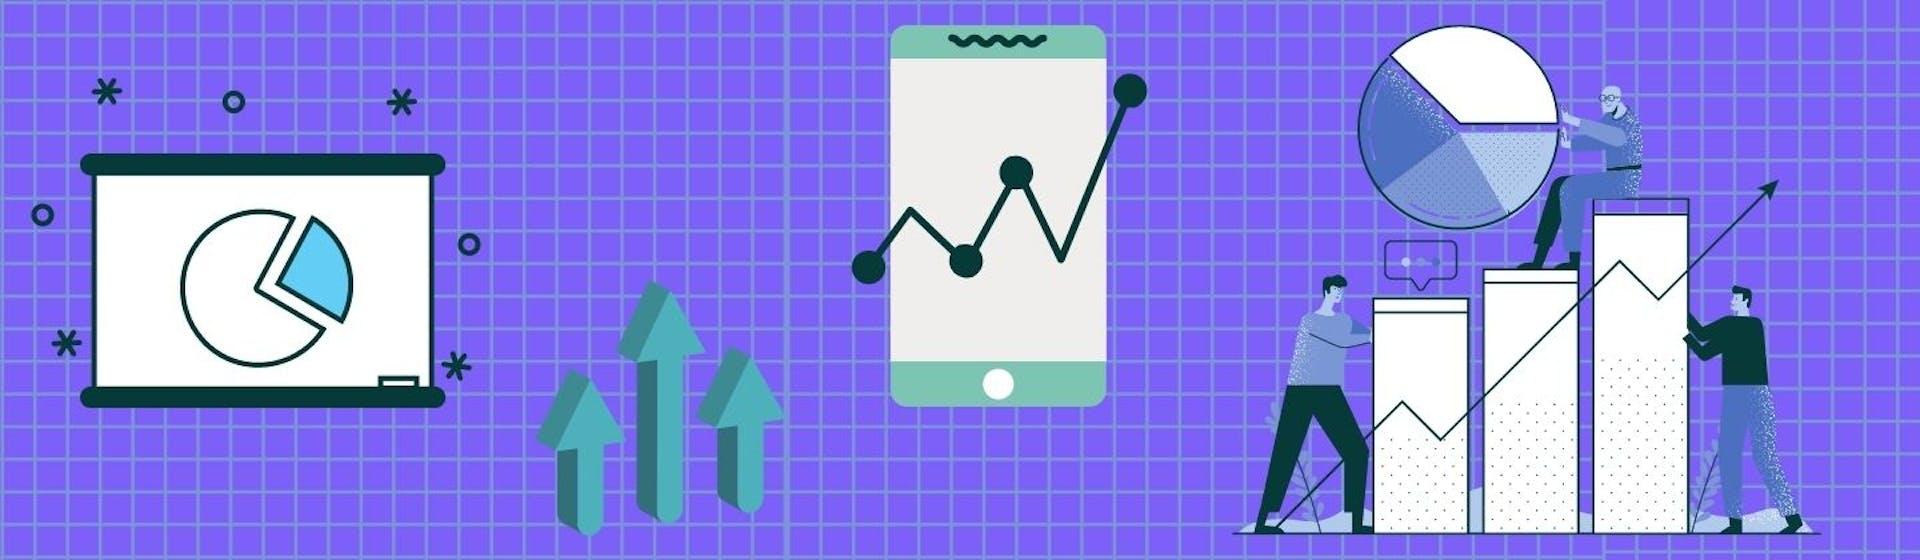 10 tipos de gráficas para representar datos que todo analista debe dominar